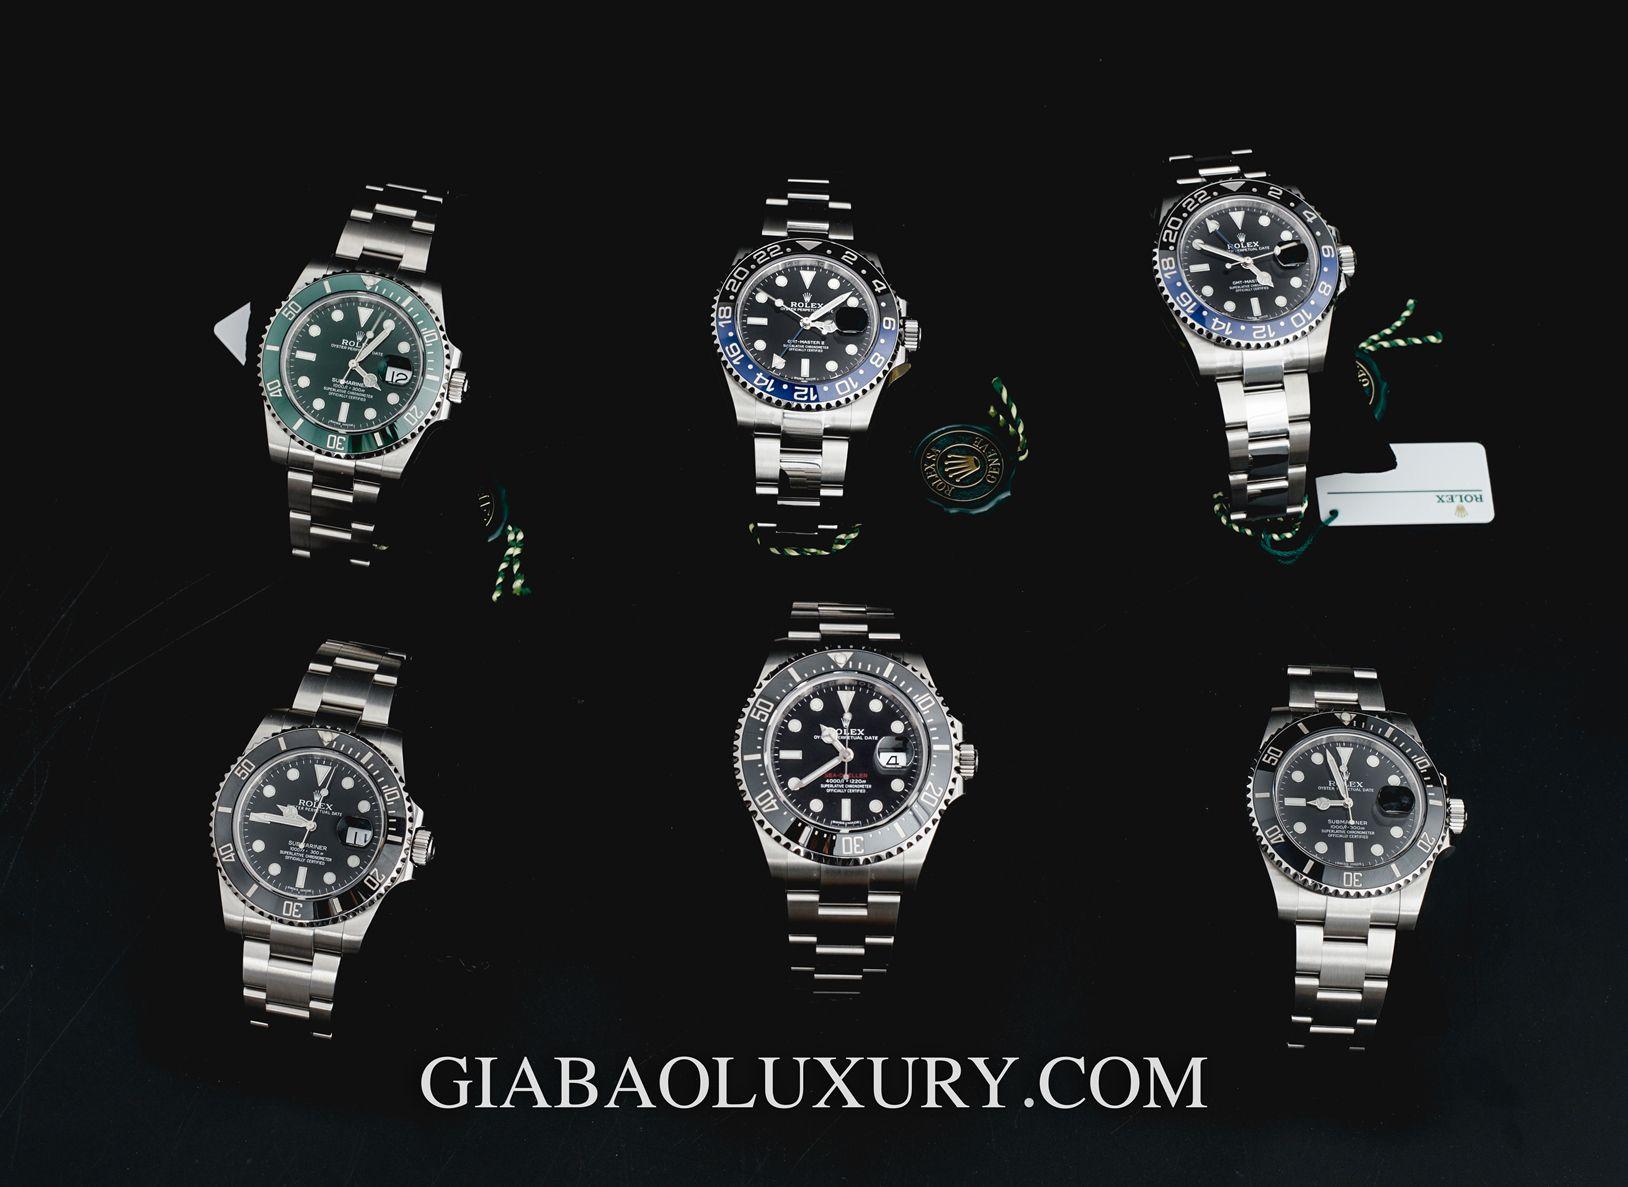 Một số mẫu đồng hồ Rolex cao cấp chính hãng có sẵn tại Gia Bảo Luxury